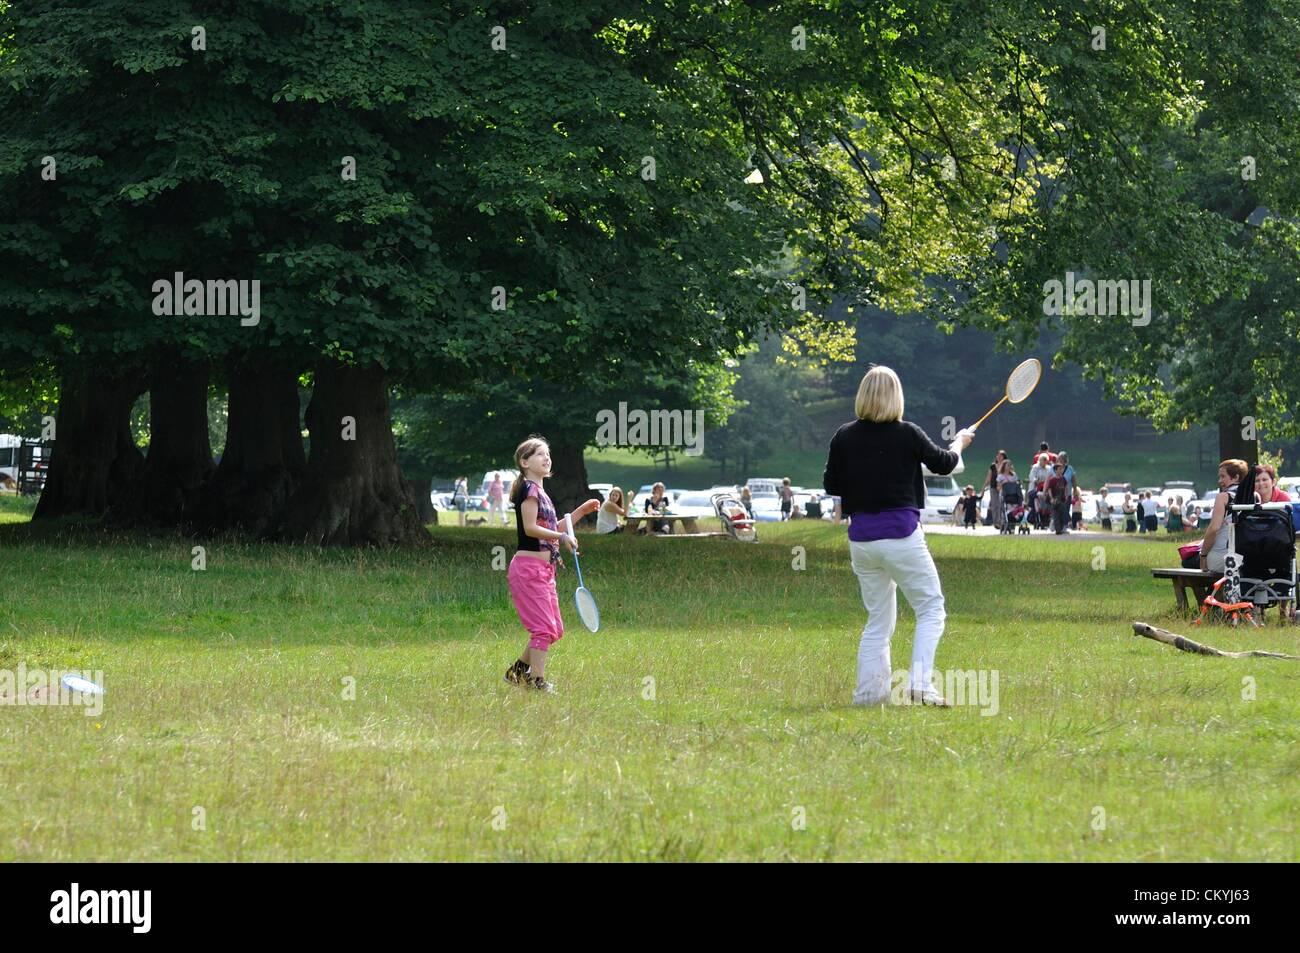 Lunedì 03/09/2012 Lyme Park, Cheshire. Donna e bambino femmina giocare a badminton sul giorno caldo e soleggiato Immagini Stock